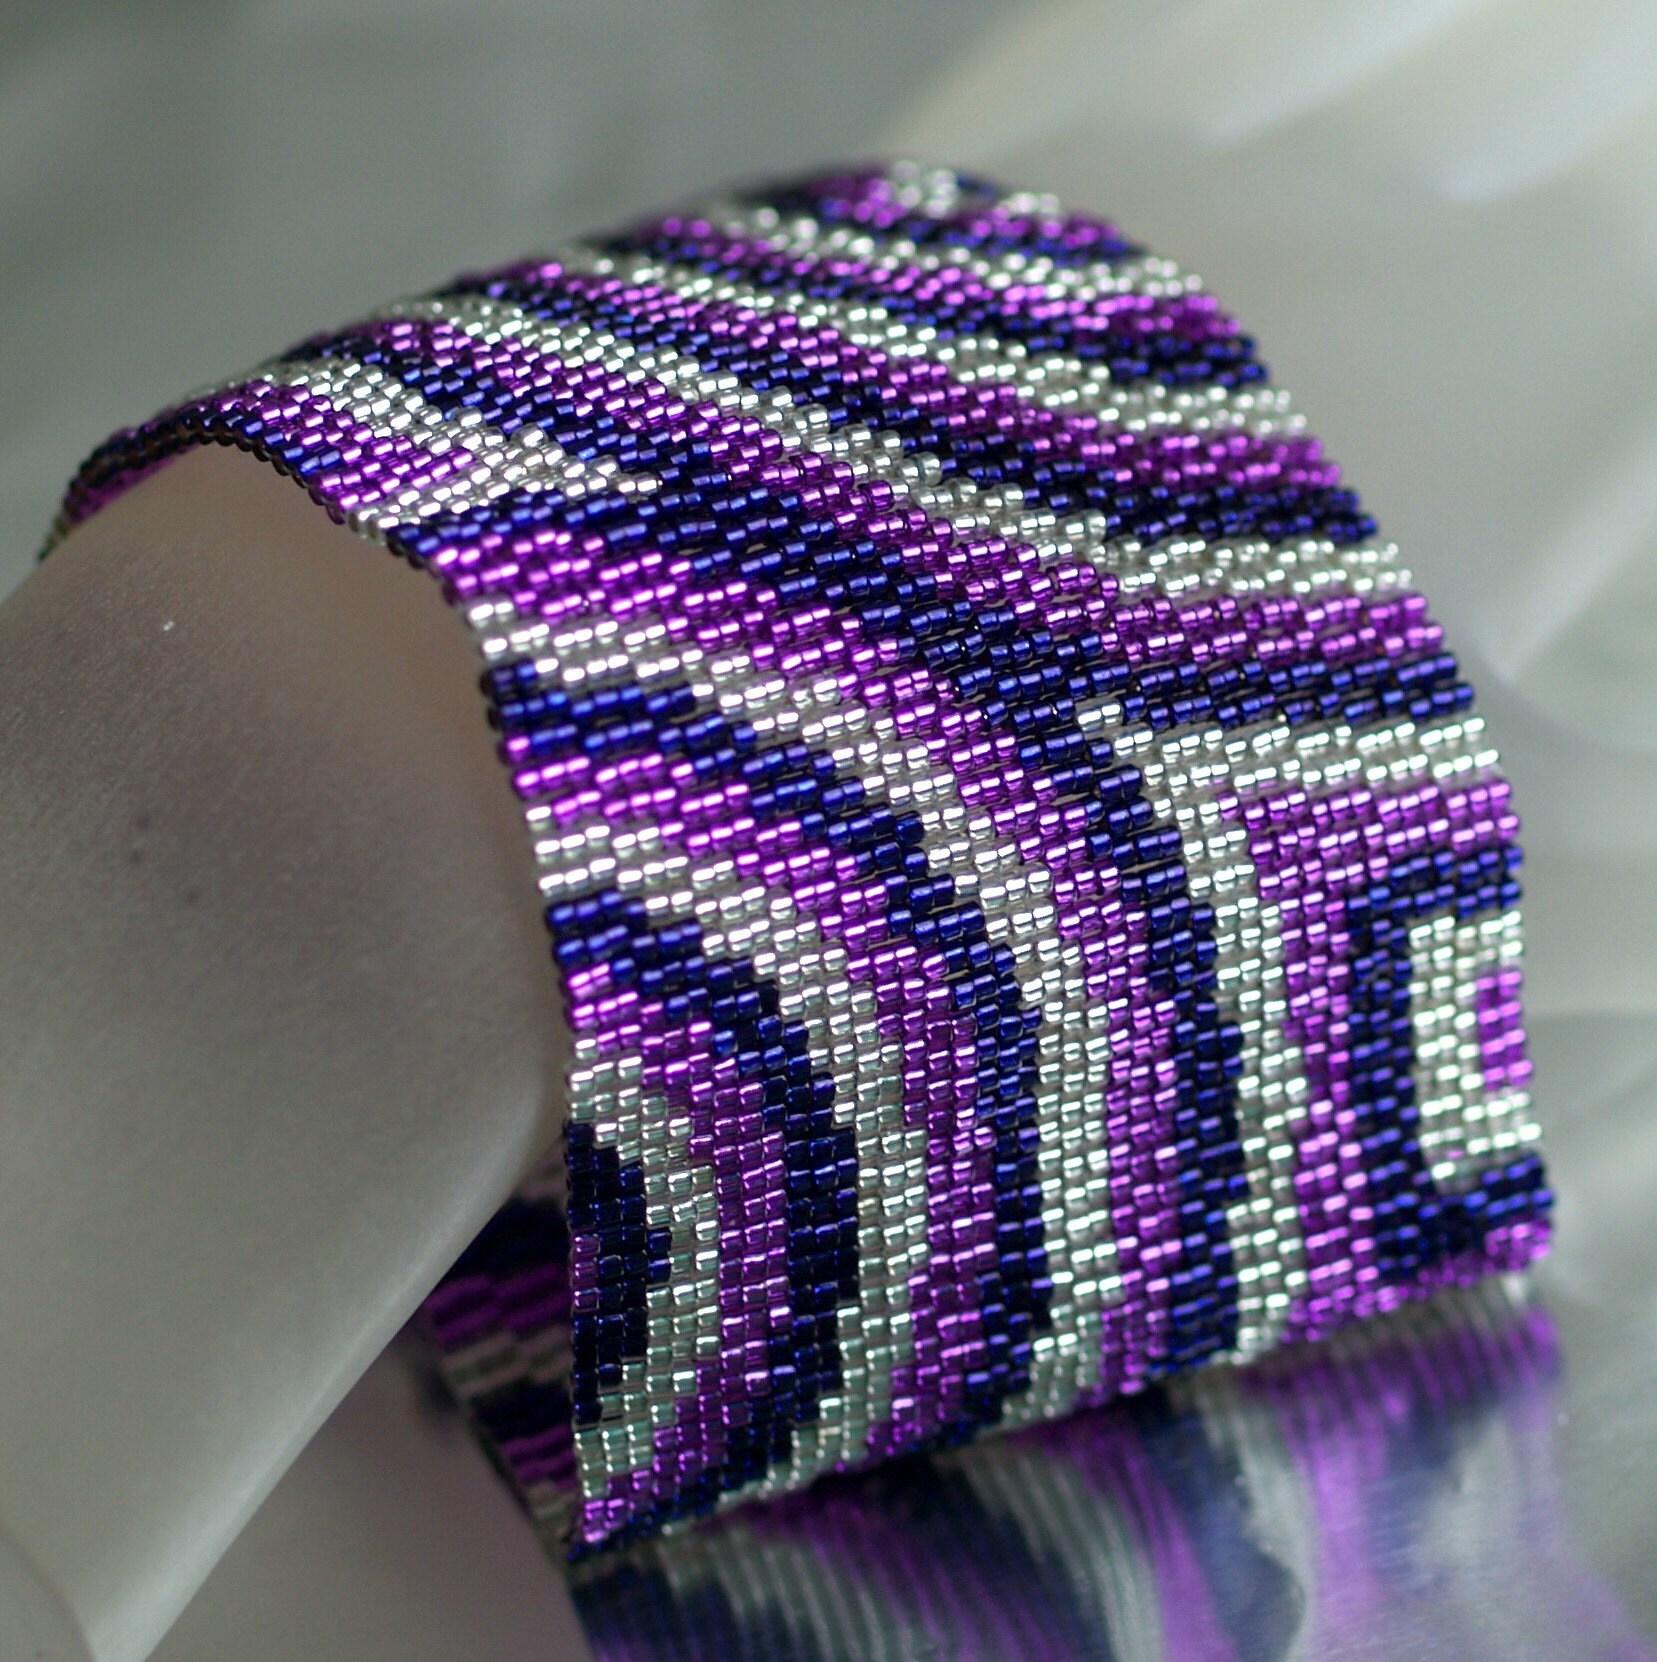 Concentric - Super Wide Peyote Cuff in Passionate Purple (3114)